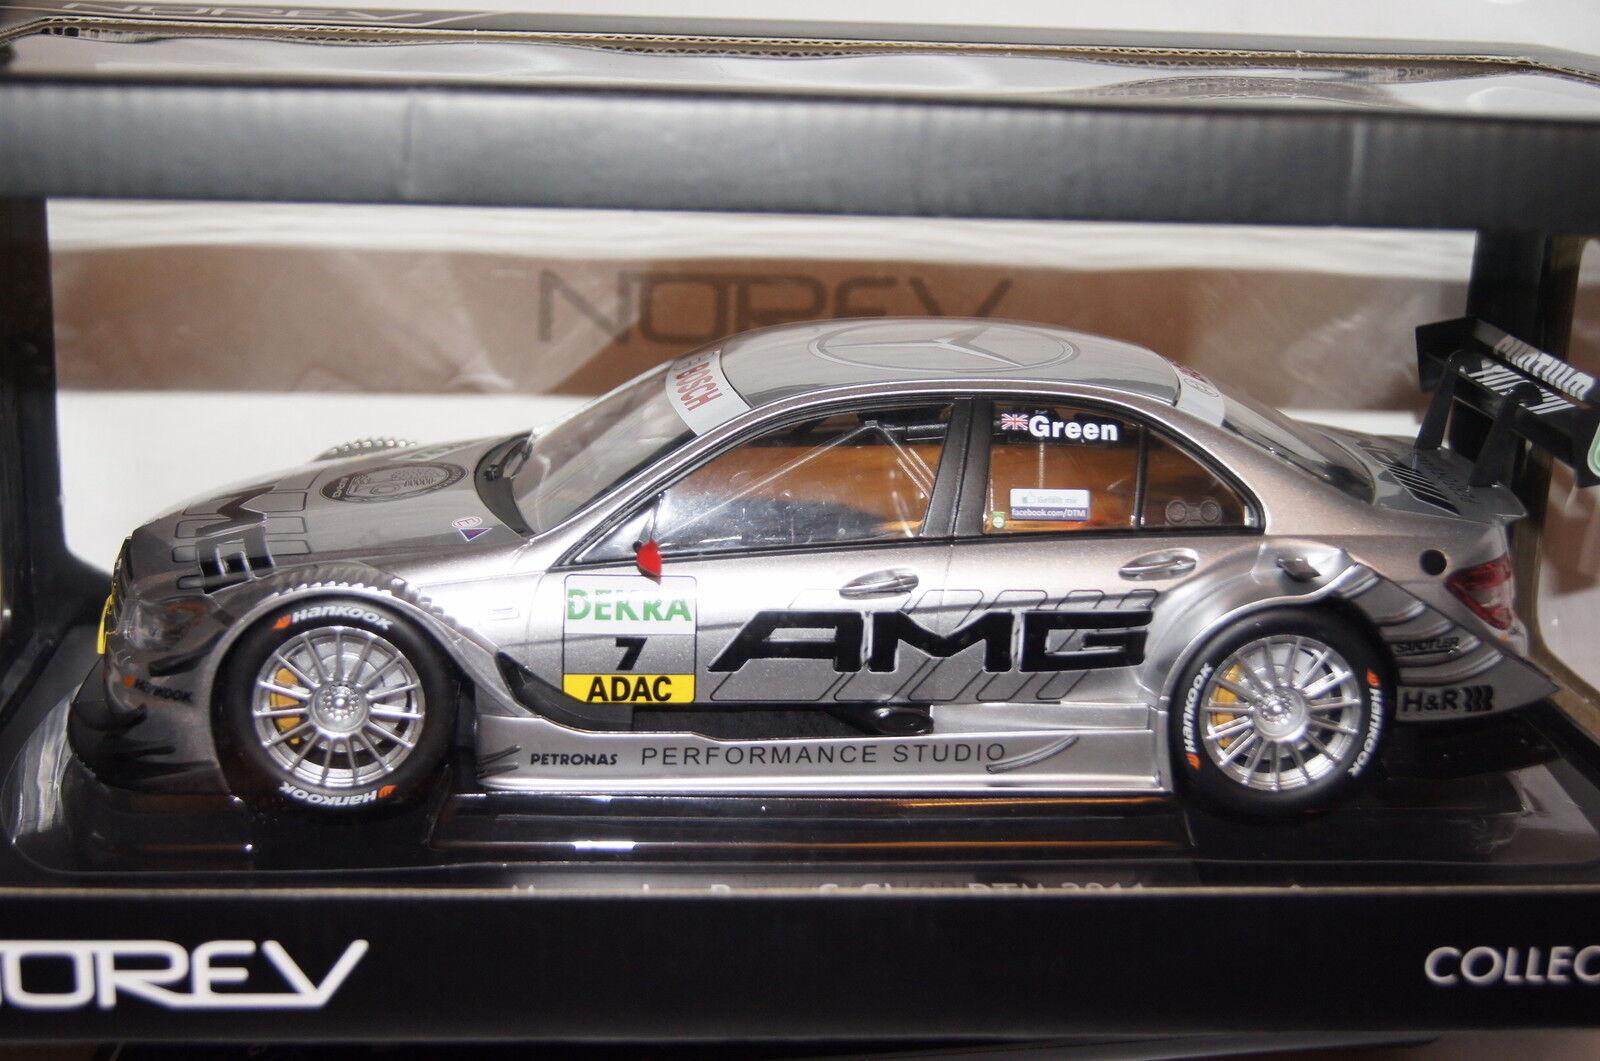 Mercedes clase c c c DTM 2011  7 j. verde 1 18 norev nuevo & OVP 183583 ef0d3b